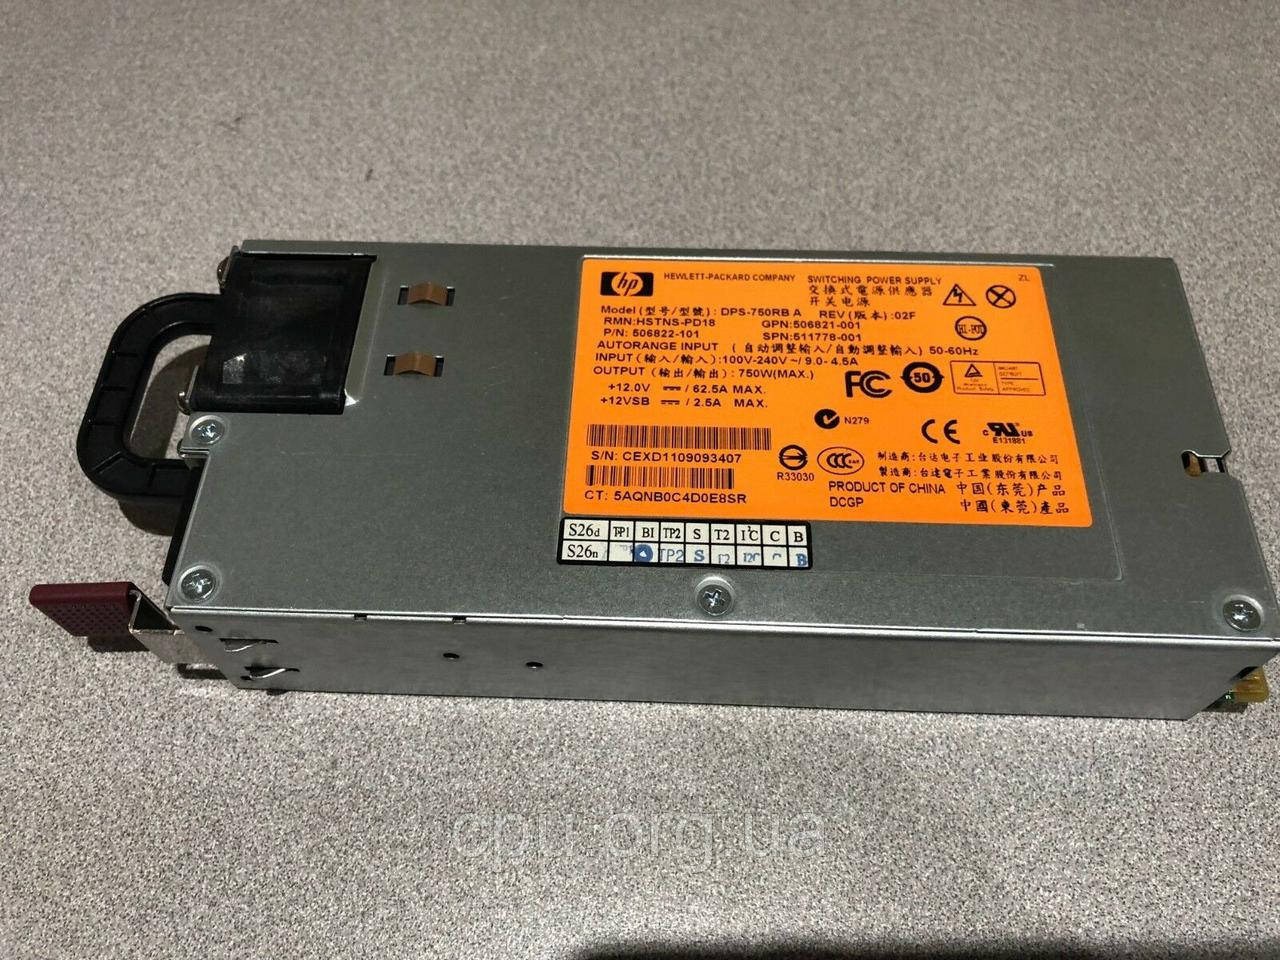 Серверный блок питания HP 750W DSP-750RB A, HSTNS-PD18 511778-001 506821-001 506822-101